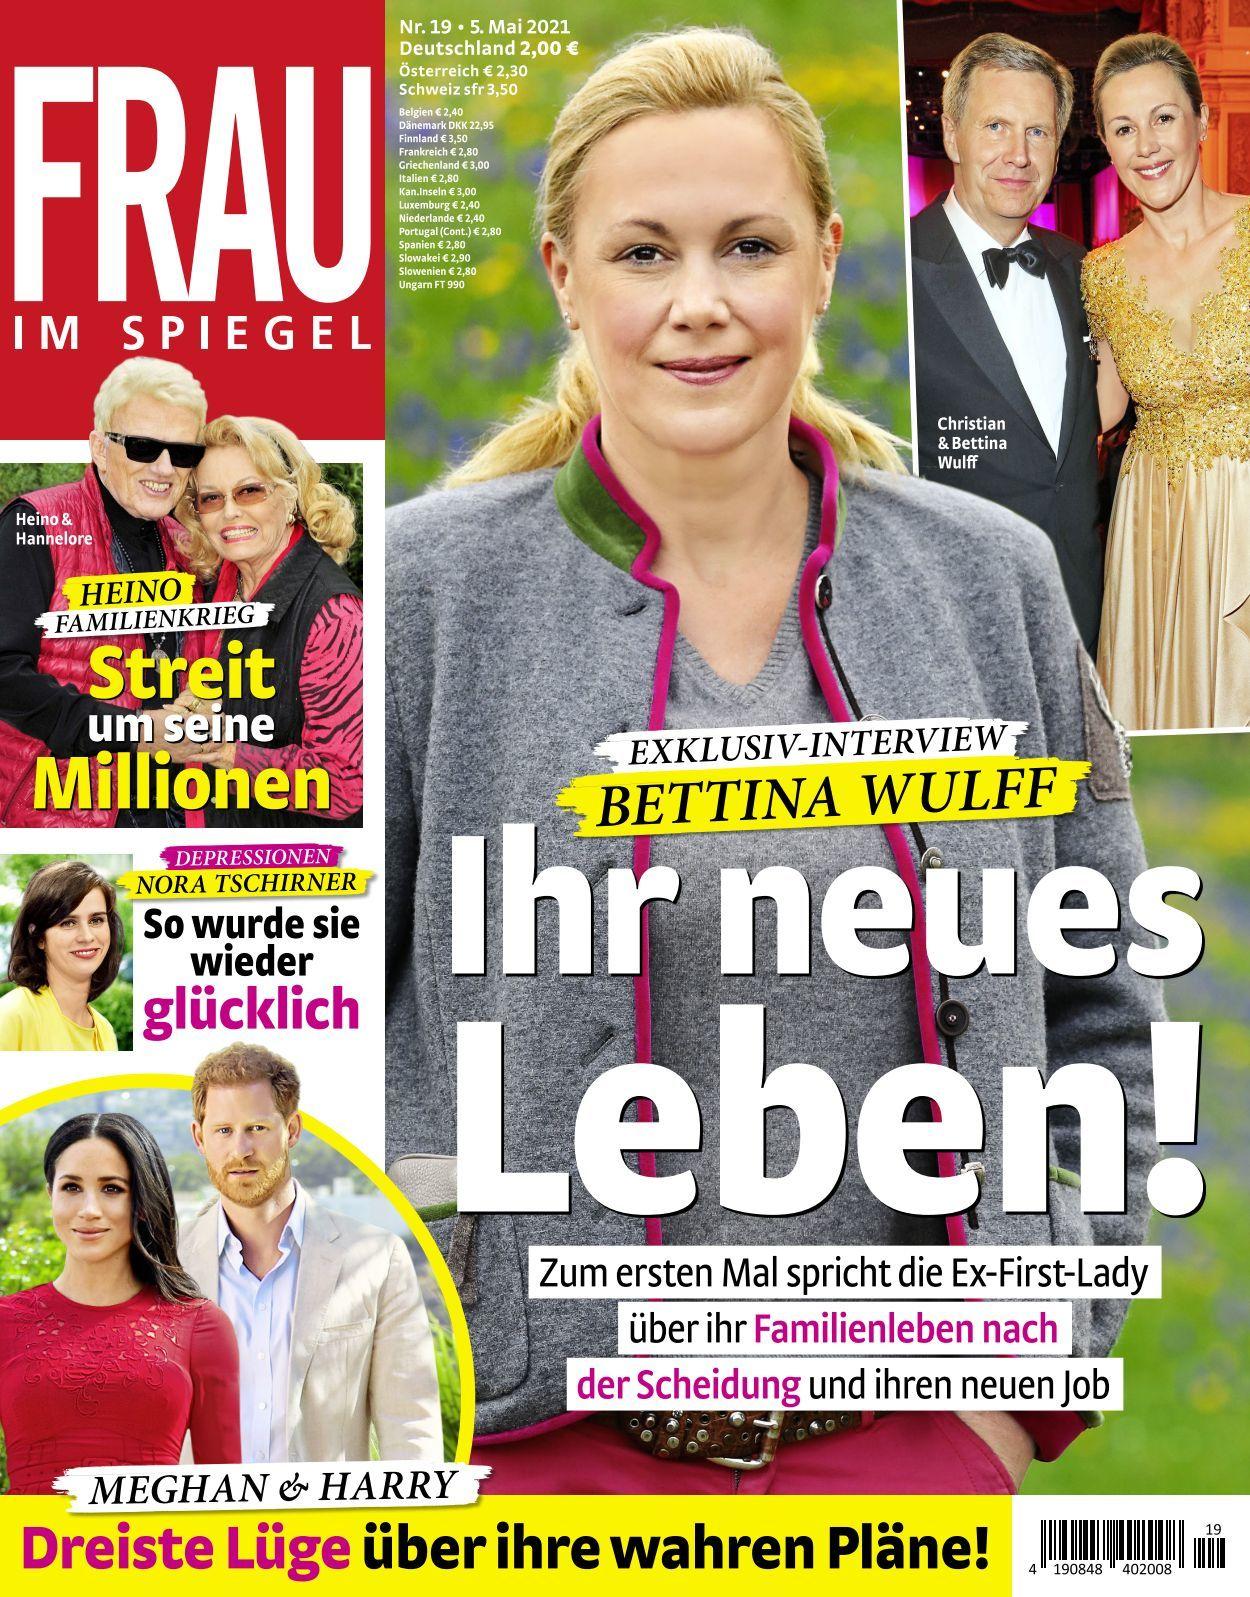 Frau Im Spiegel 2021 05 19